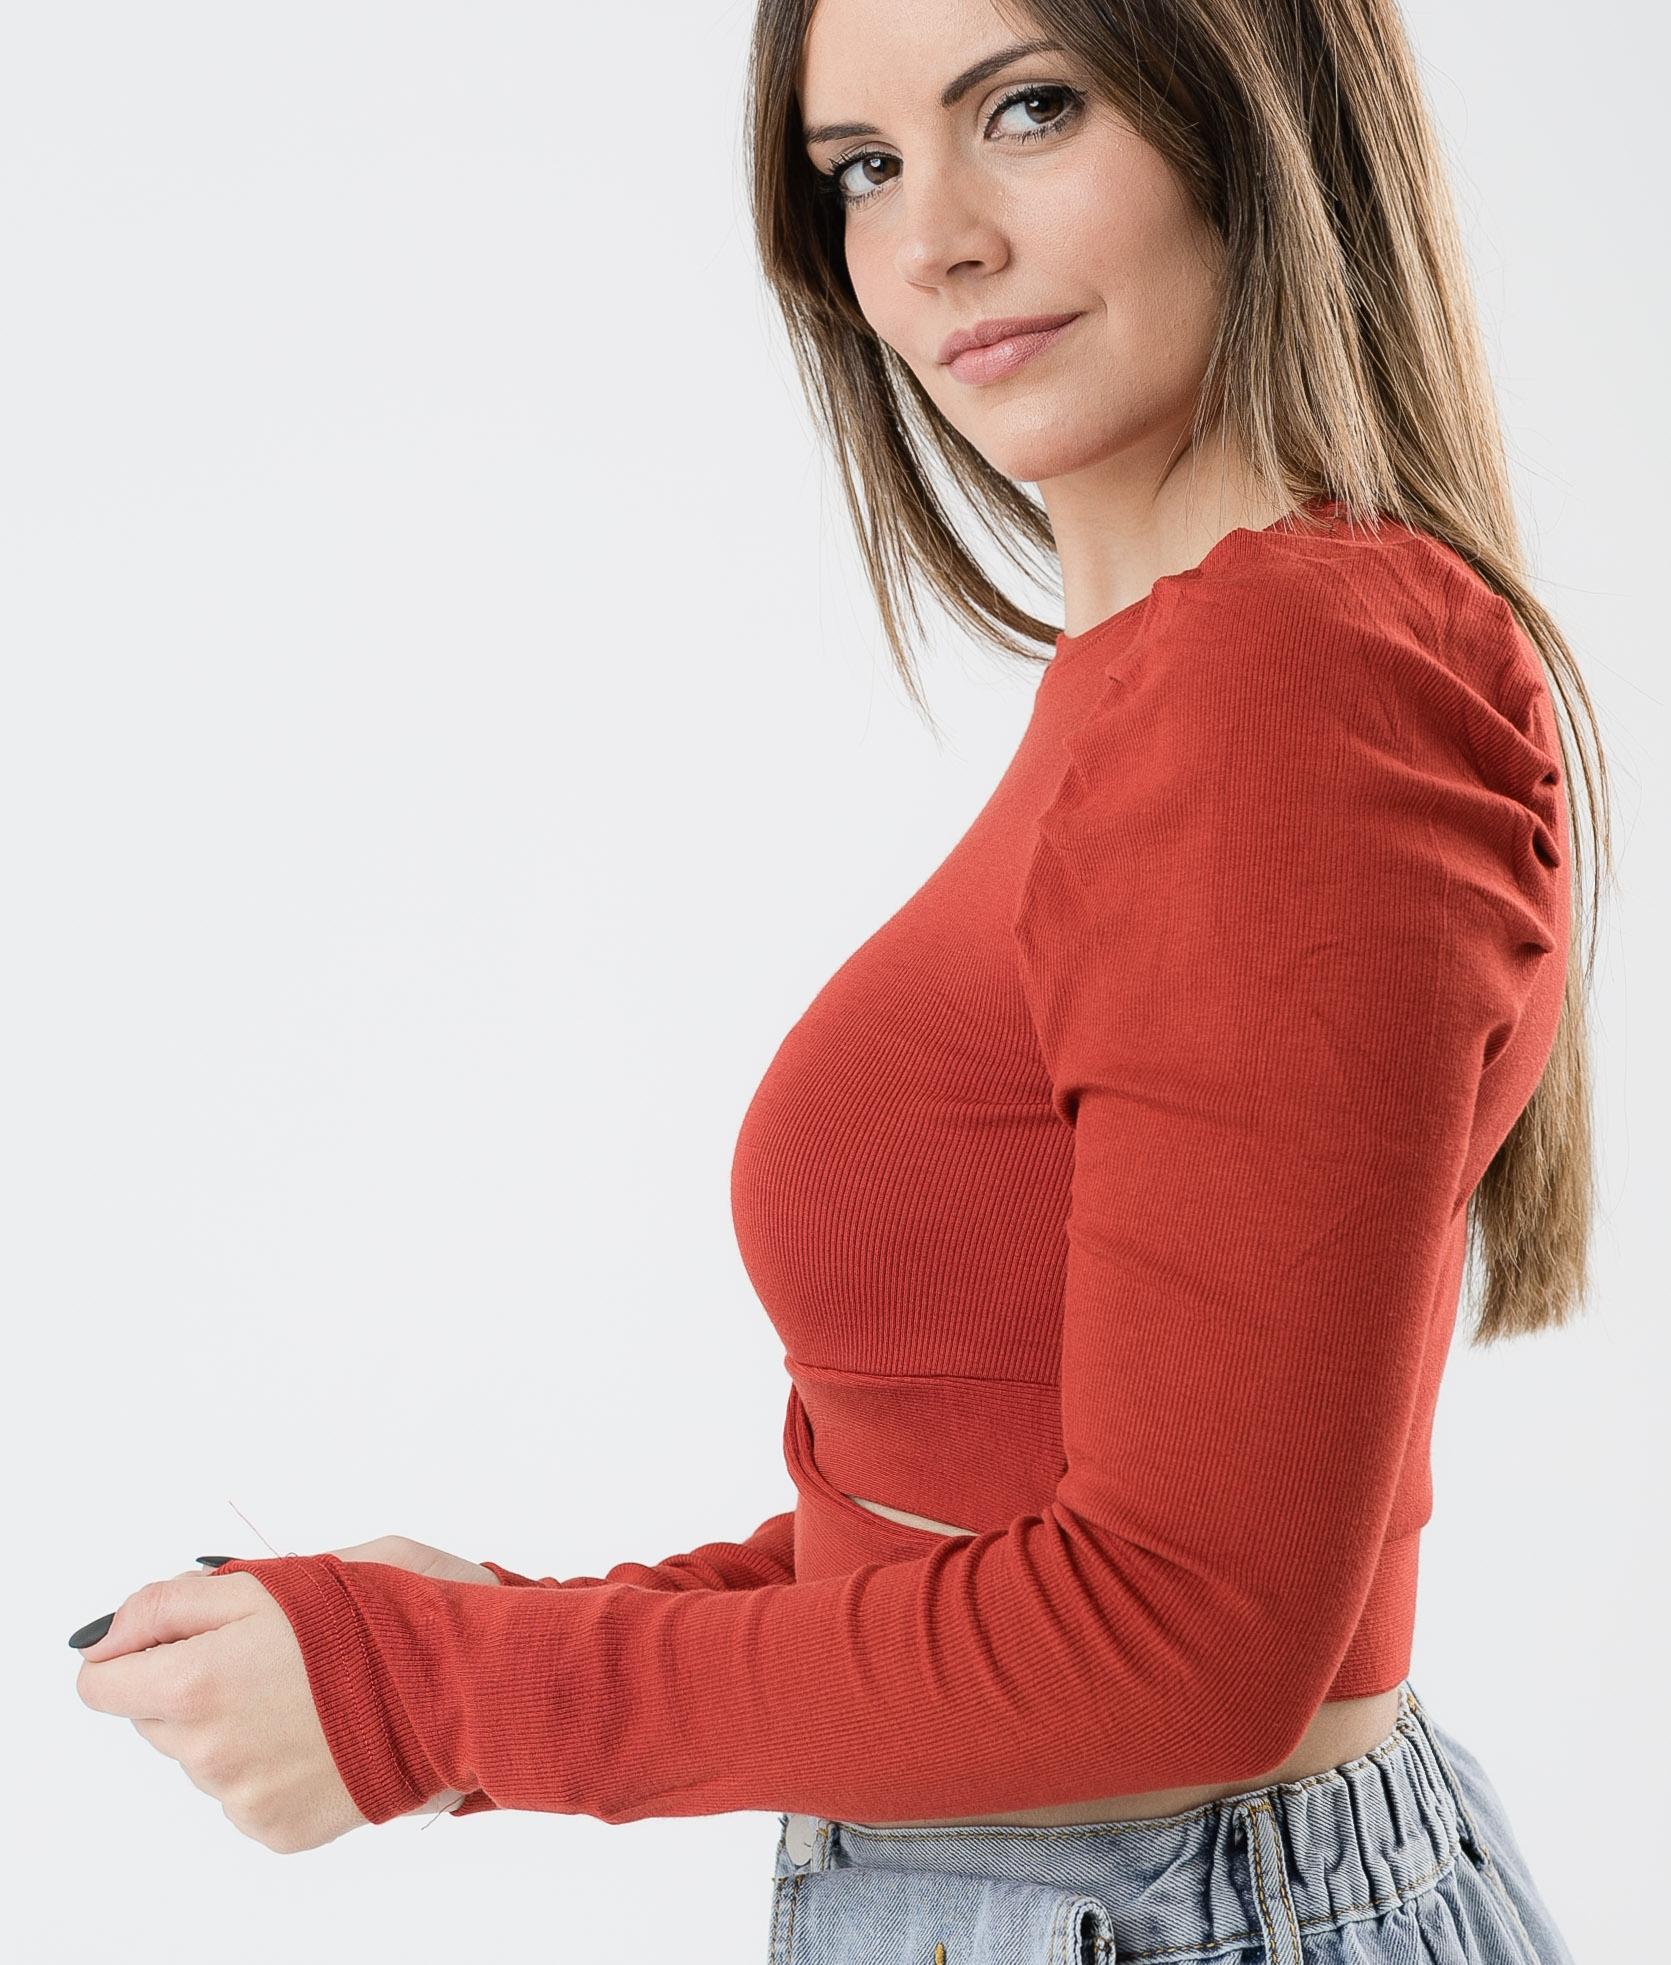 TOP MIBREL - TELHA